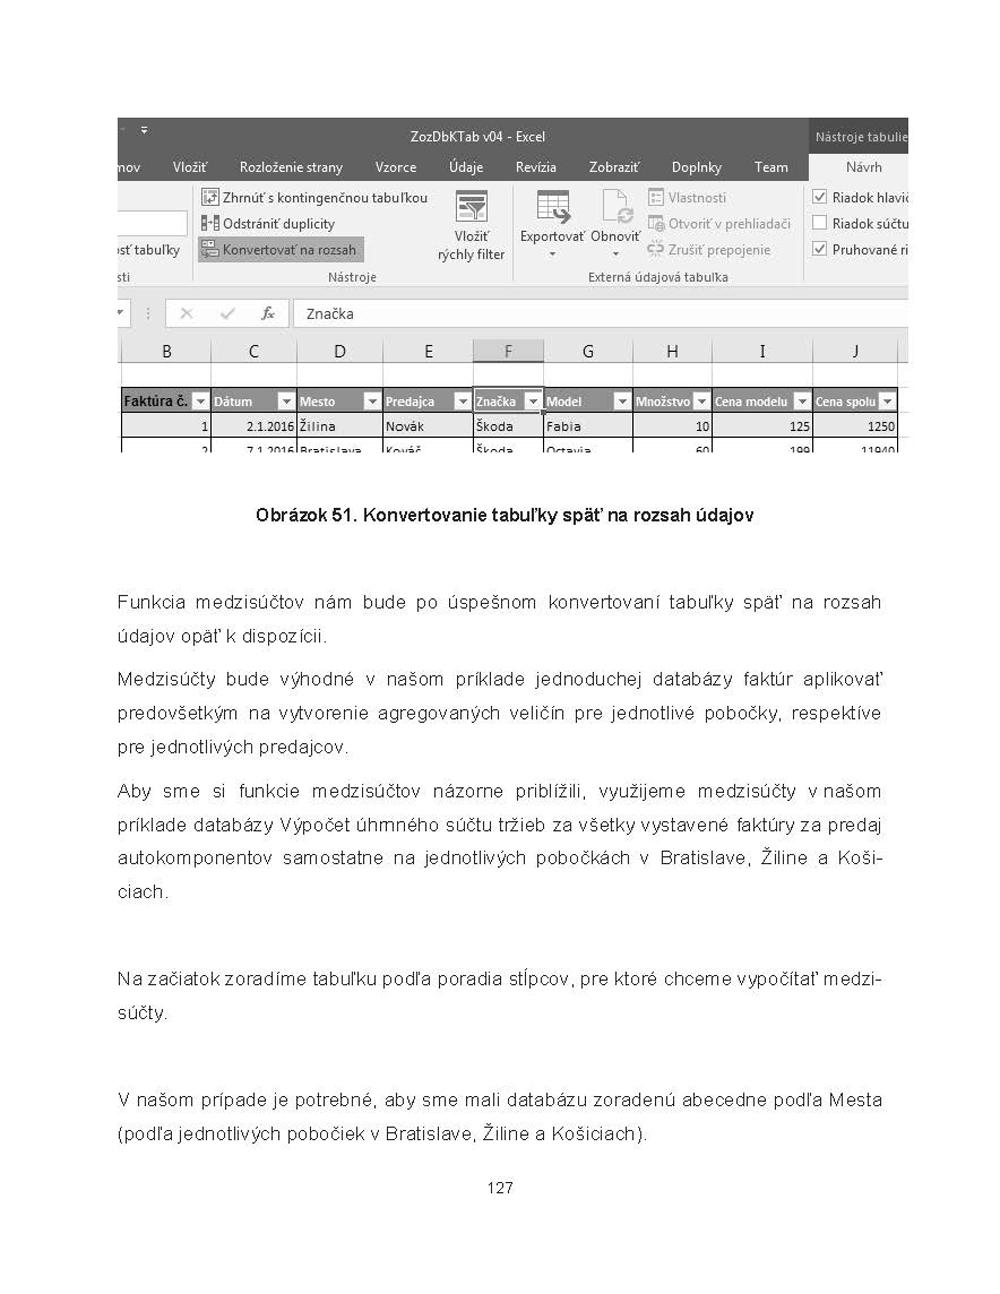 Databázové a tabuľkové systémy na vyhodnocovanie dát 4